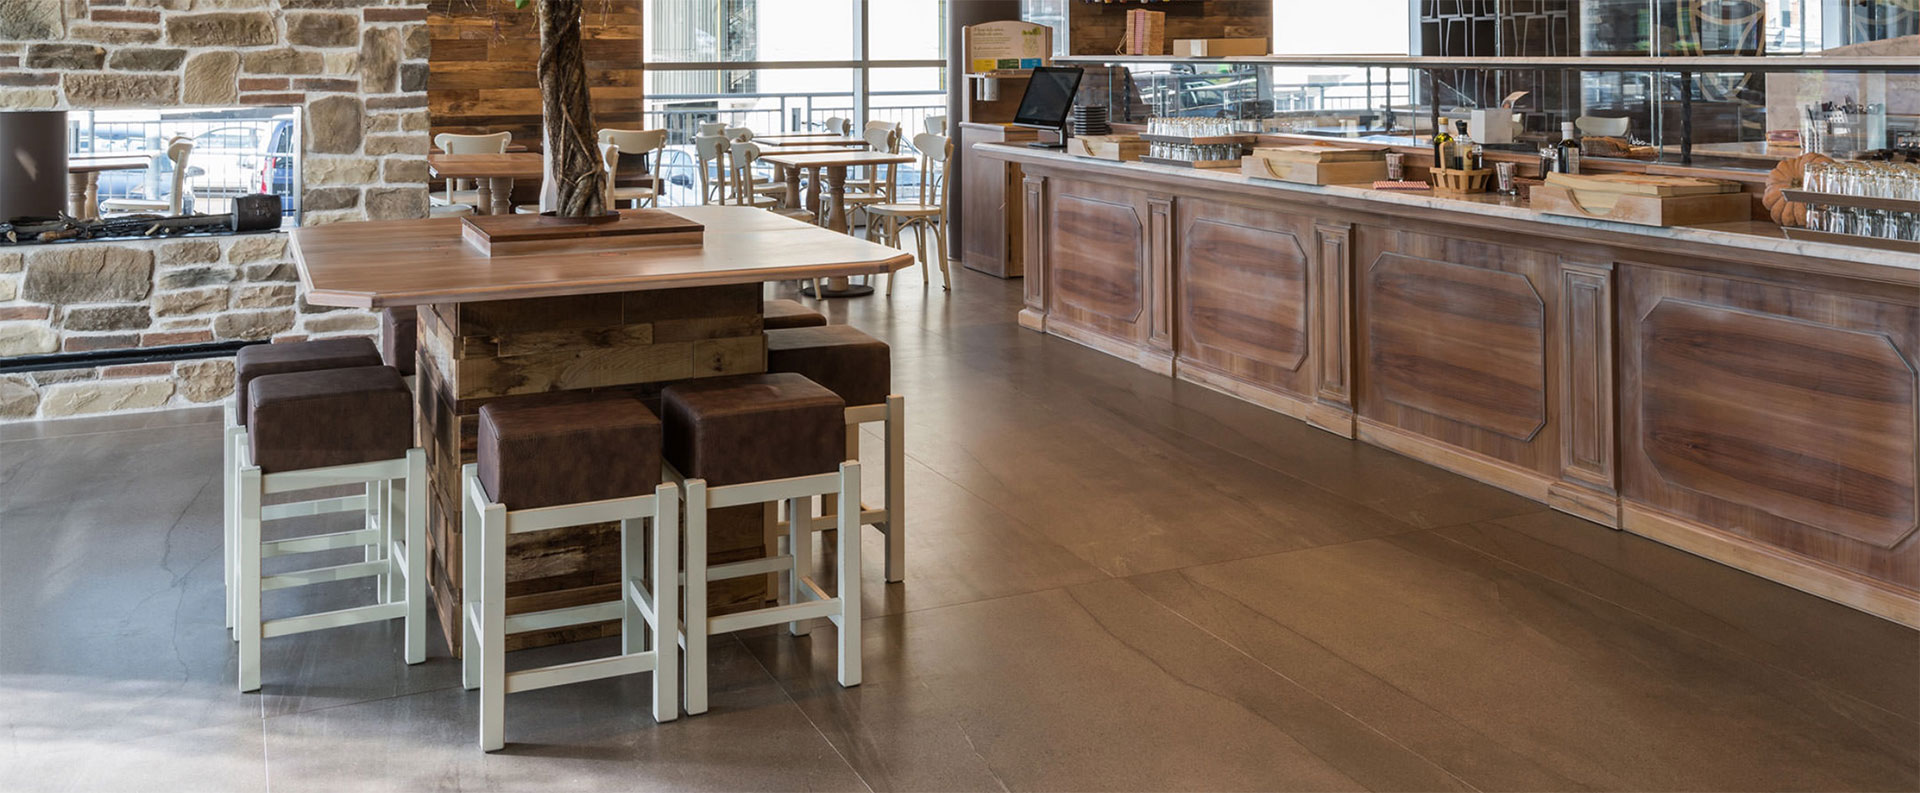 Des surfaces de bars et de restaurants parfaites avec les collections en grès cérame FMG